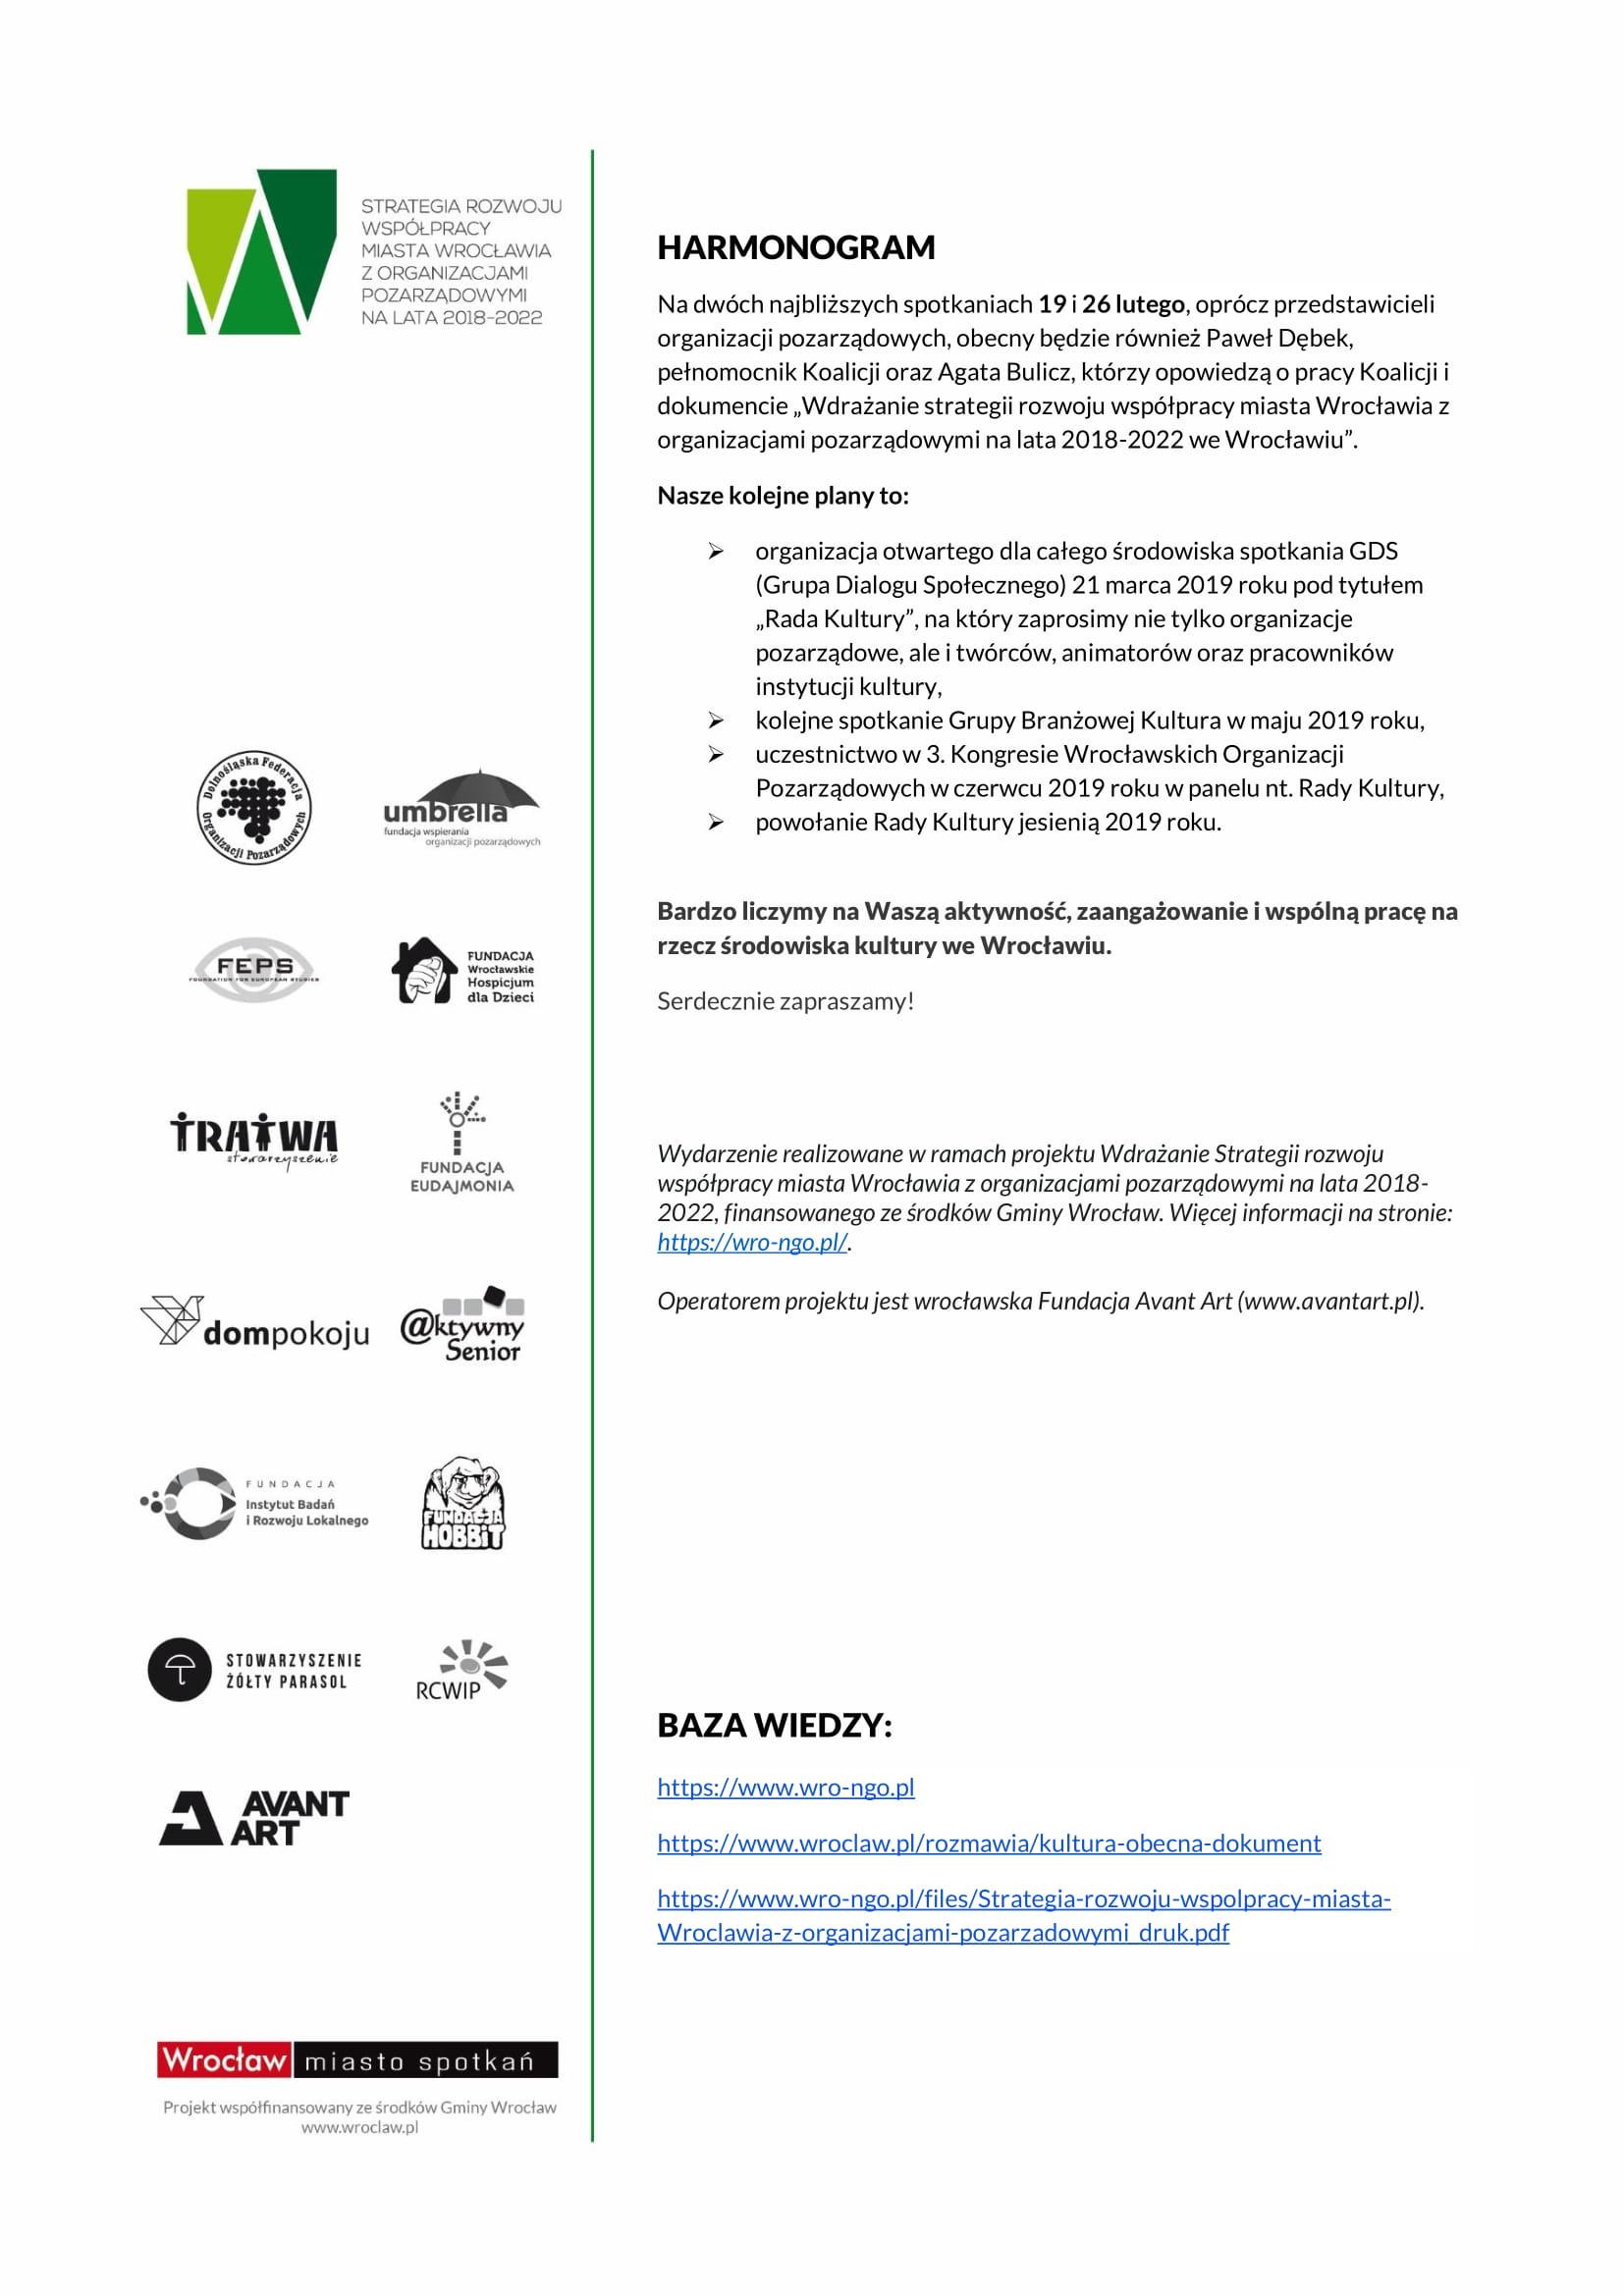 Informacje o Grupie branżowej KULTURA-2